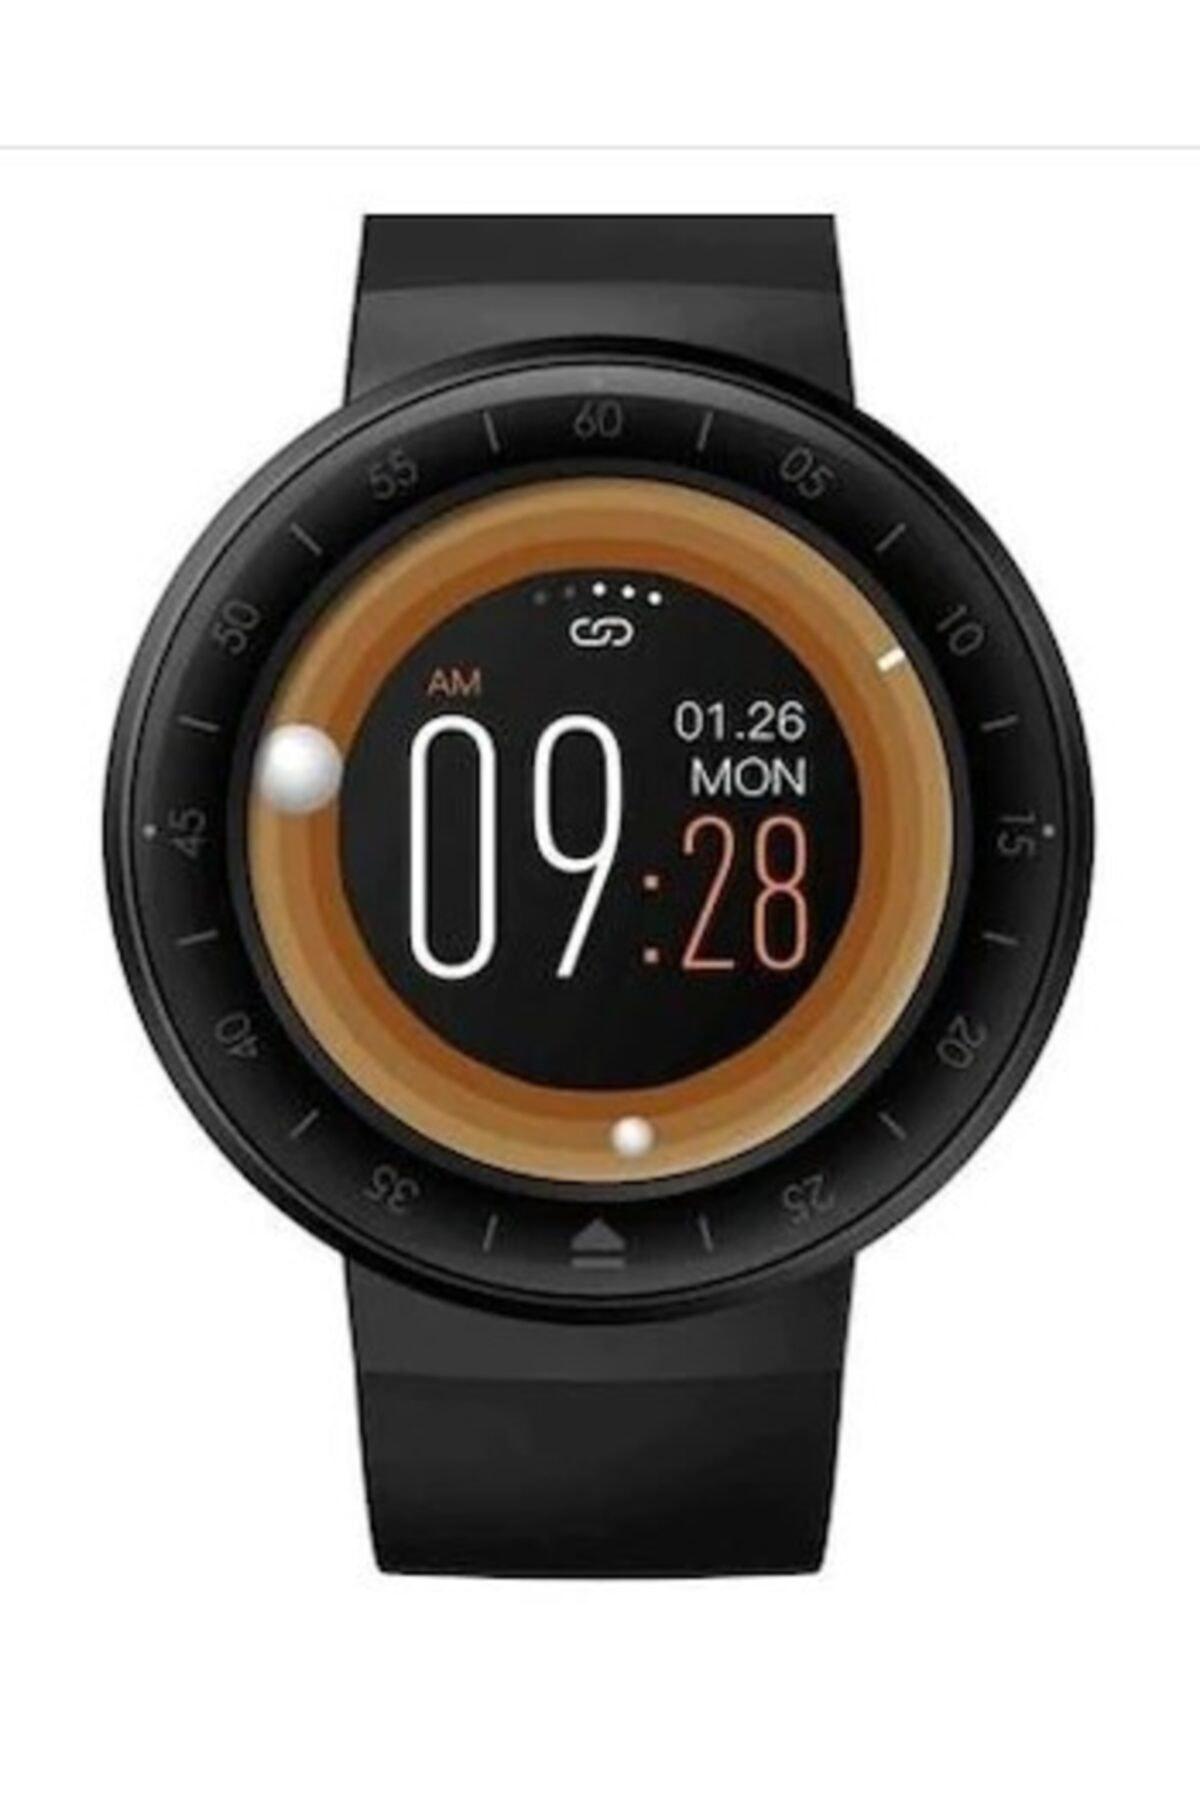 3M Su Geçirmez V15 Akıllı Saat Smart Watch Erkek Kol Saati Bileklik 1